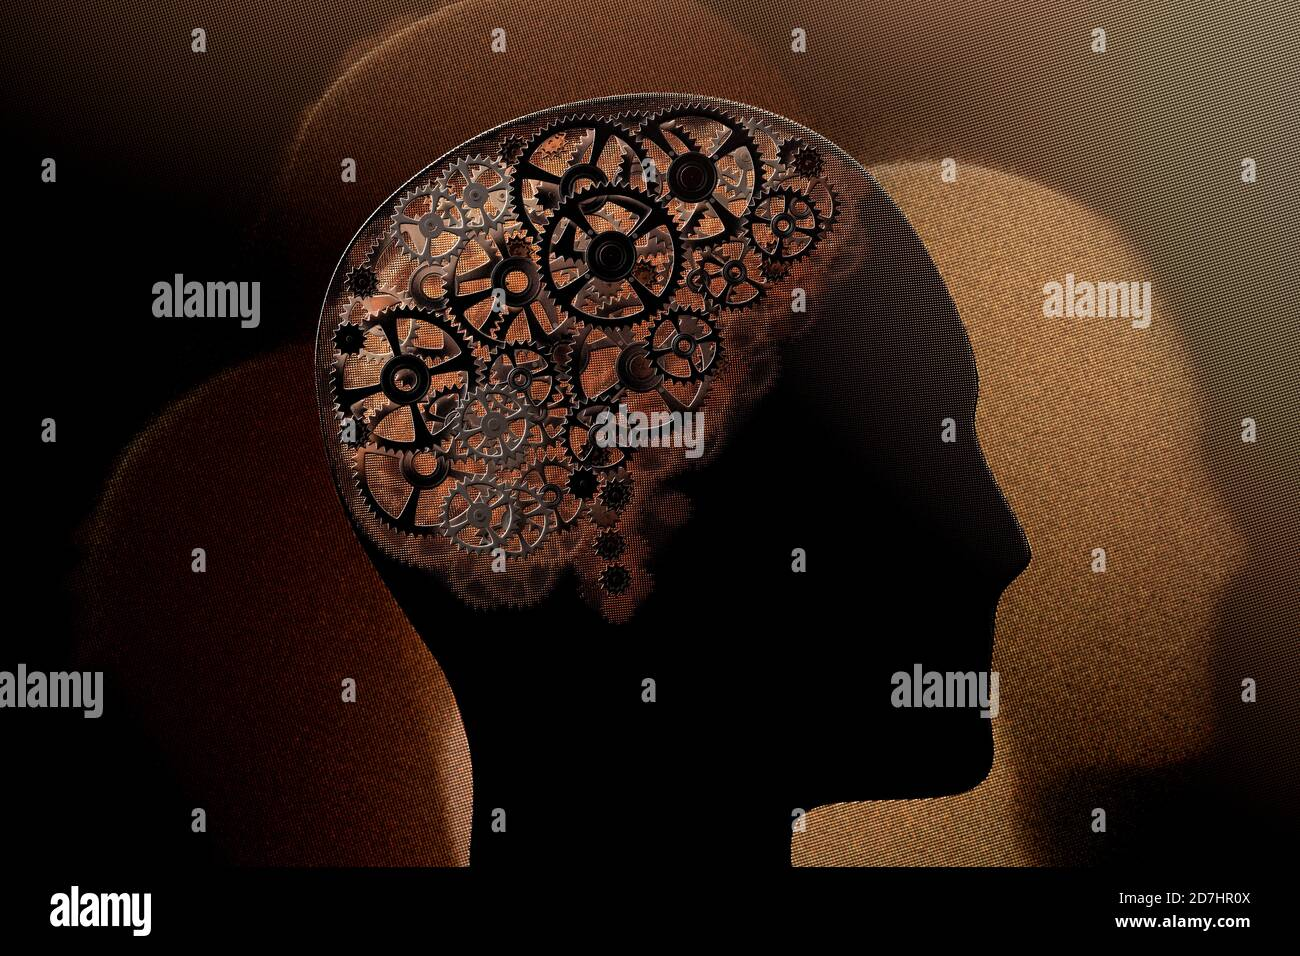 Representación 3D de una imagen conceptual de un cerebro humano hecho de ruedas dentadas. Foto de stock